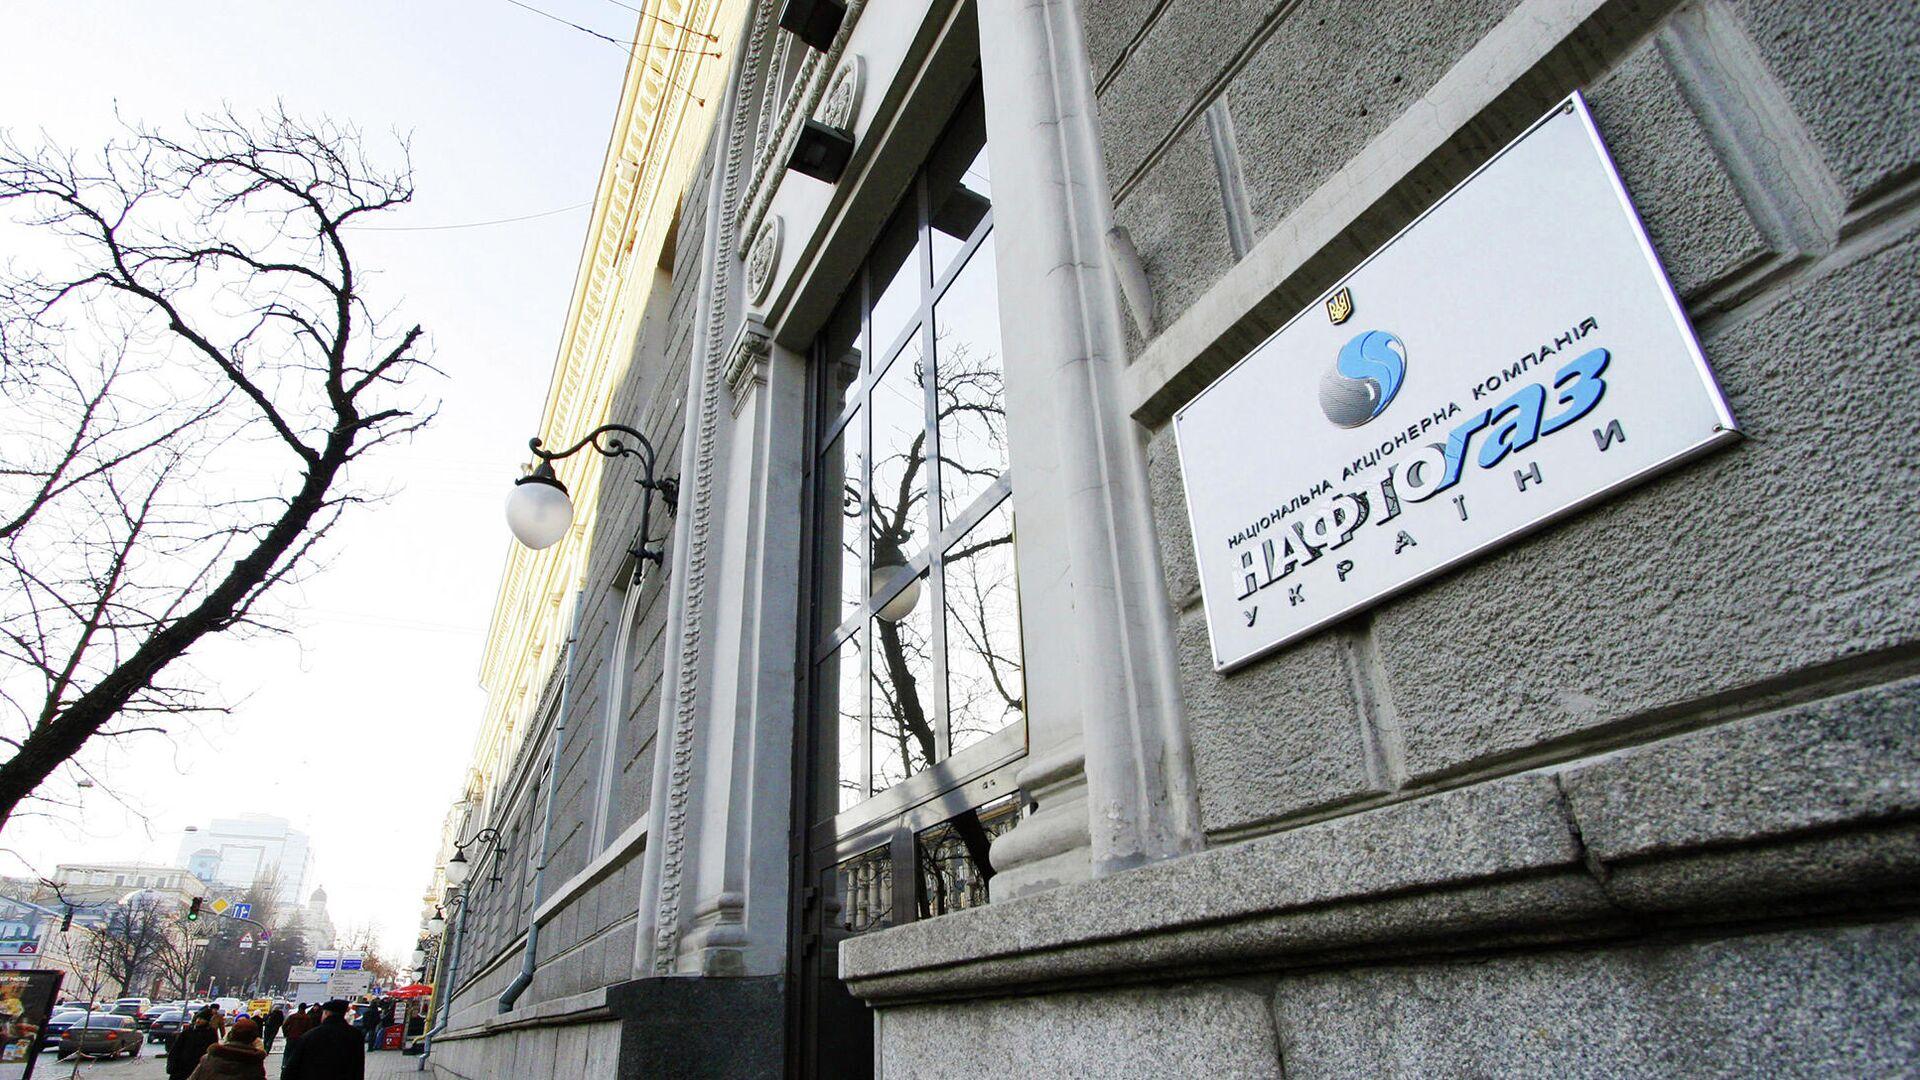 Офис компании Нафтогаз в Киеве - РИА Новости, 1920, 28.04.2021